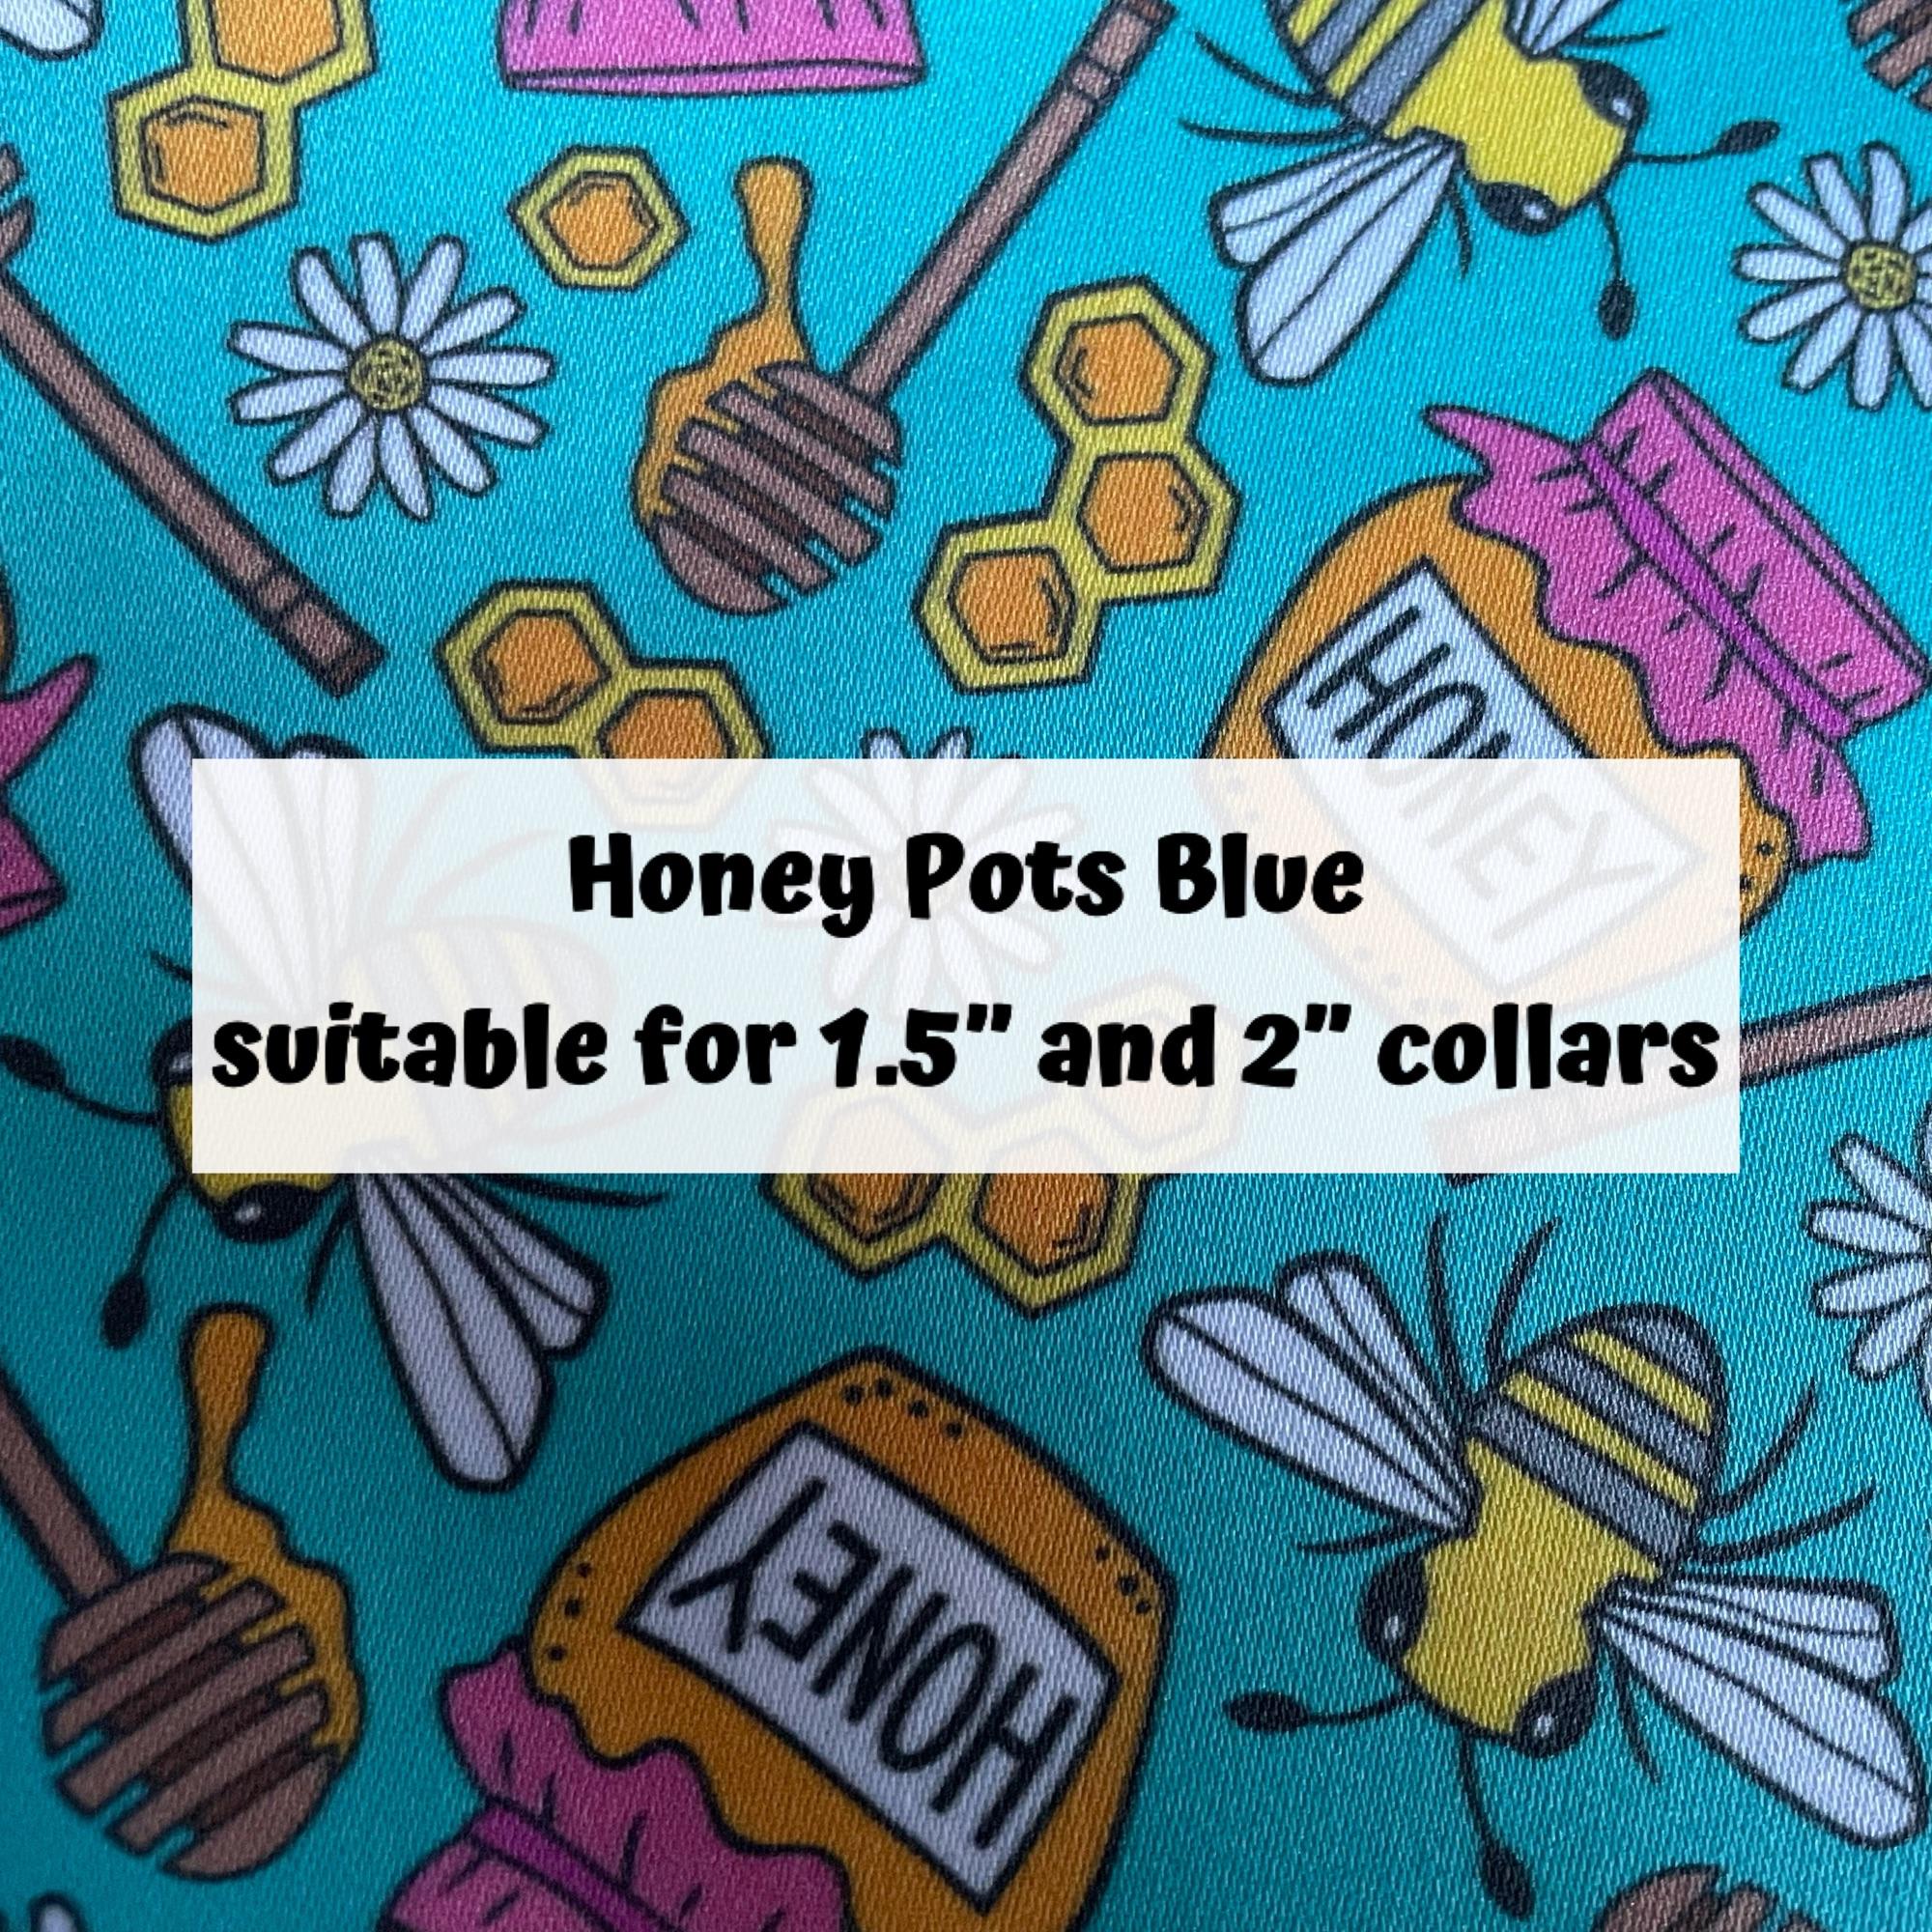 Honey Pots Blue